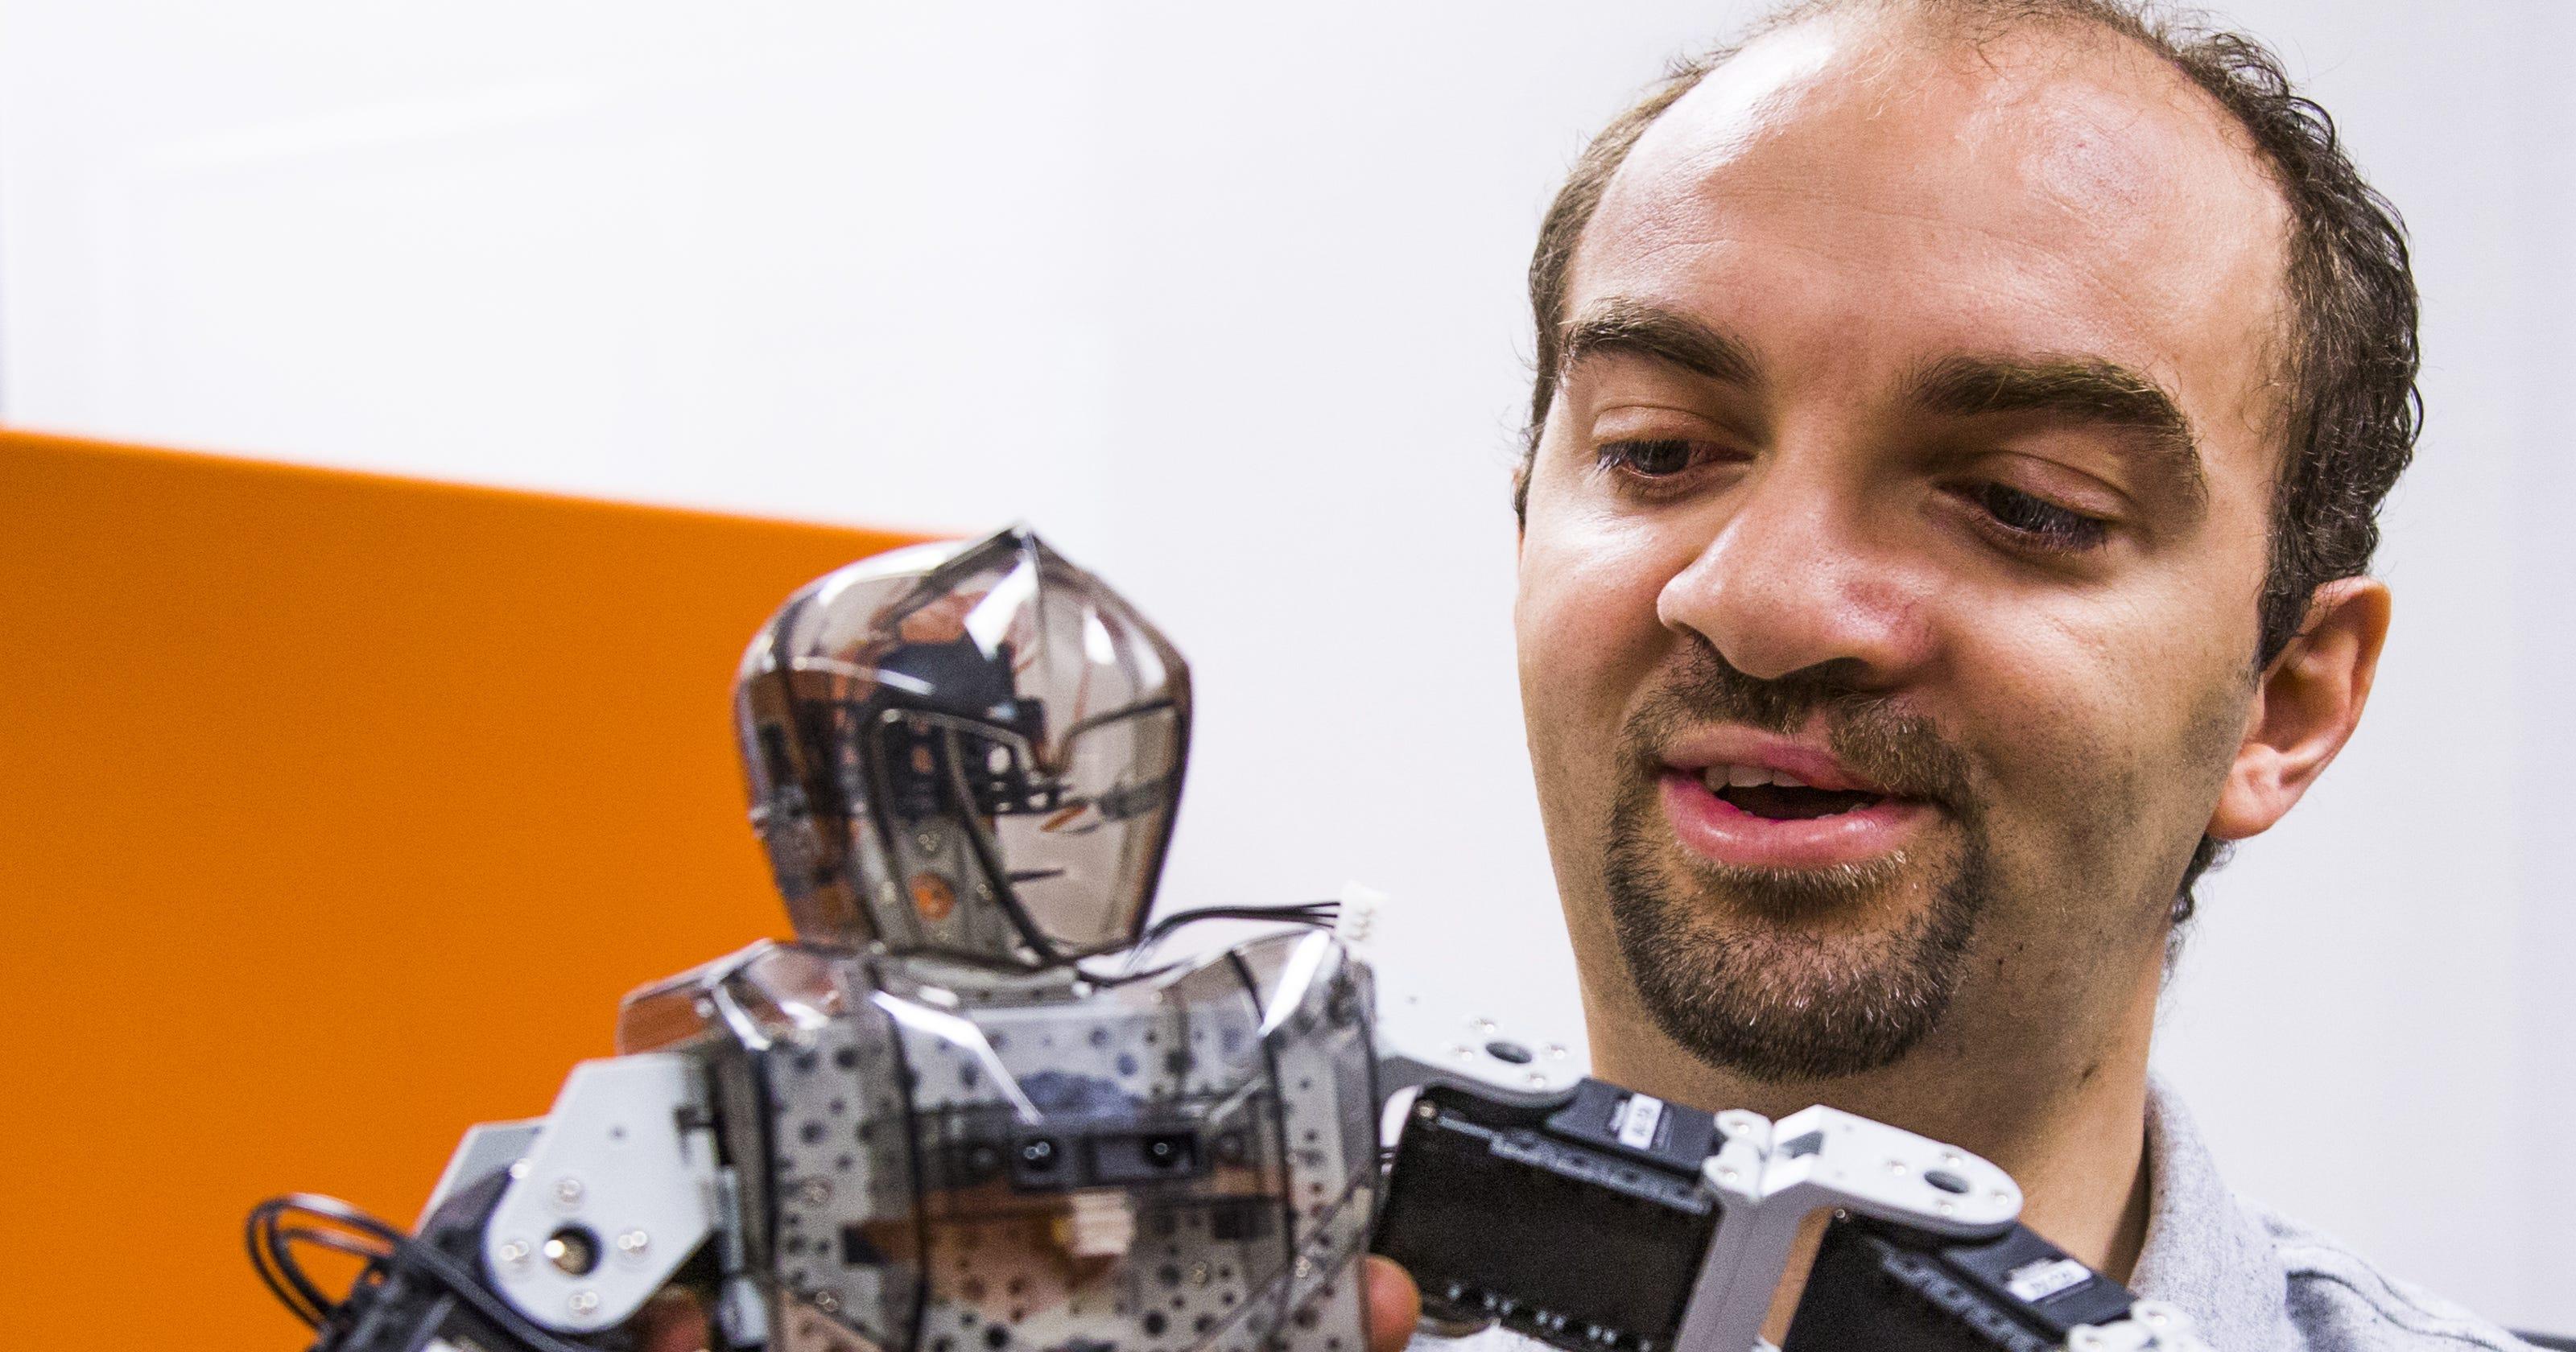 How artificial intelligence, robotics could transform jobs